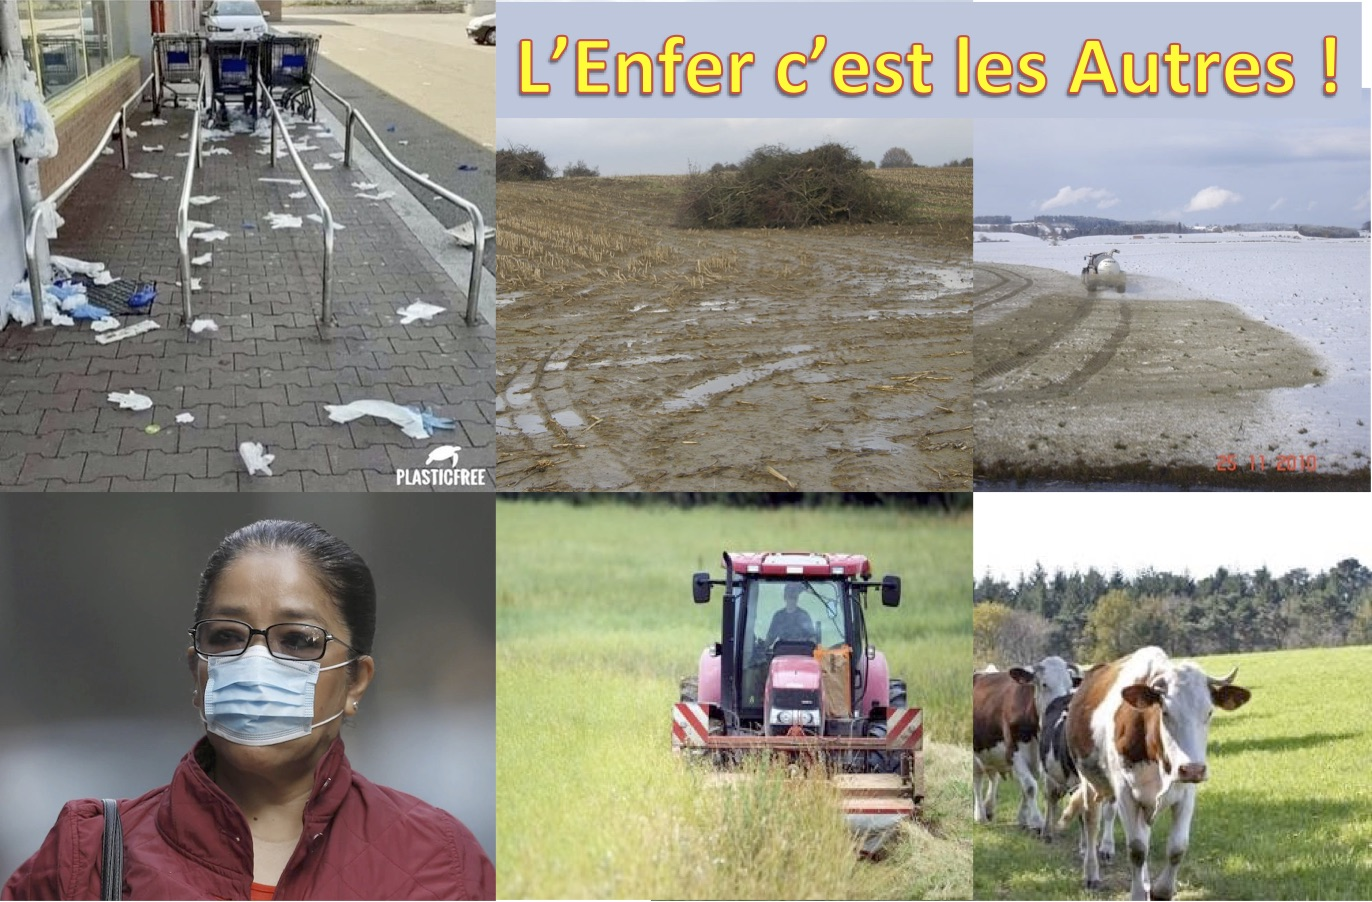 lenfer_cest_les_autres